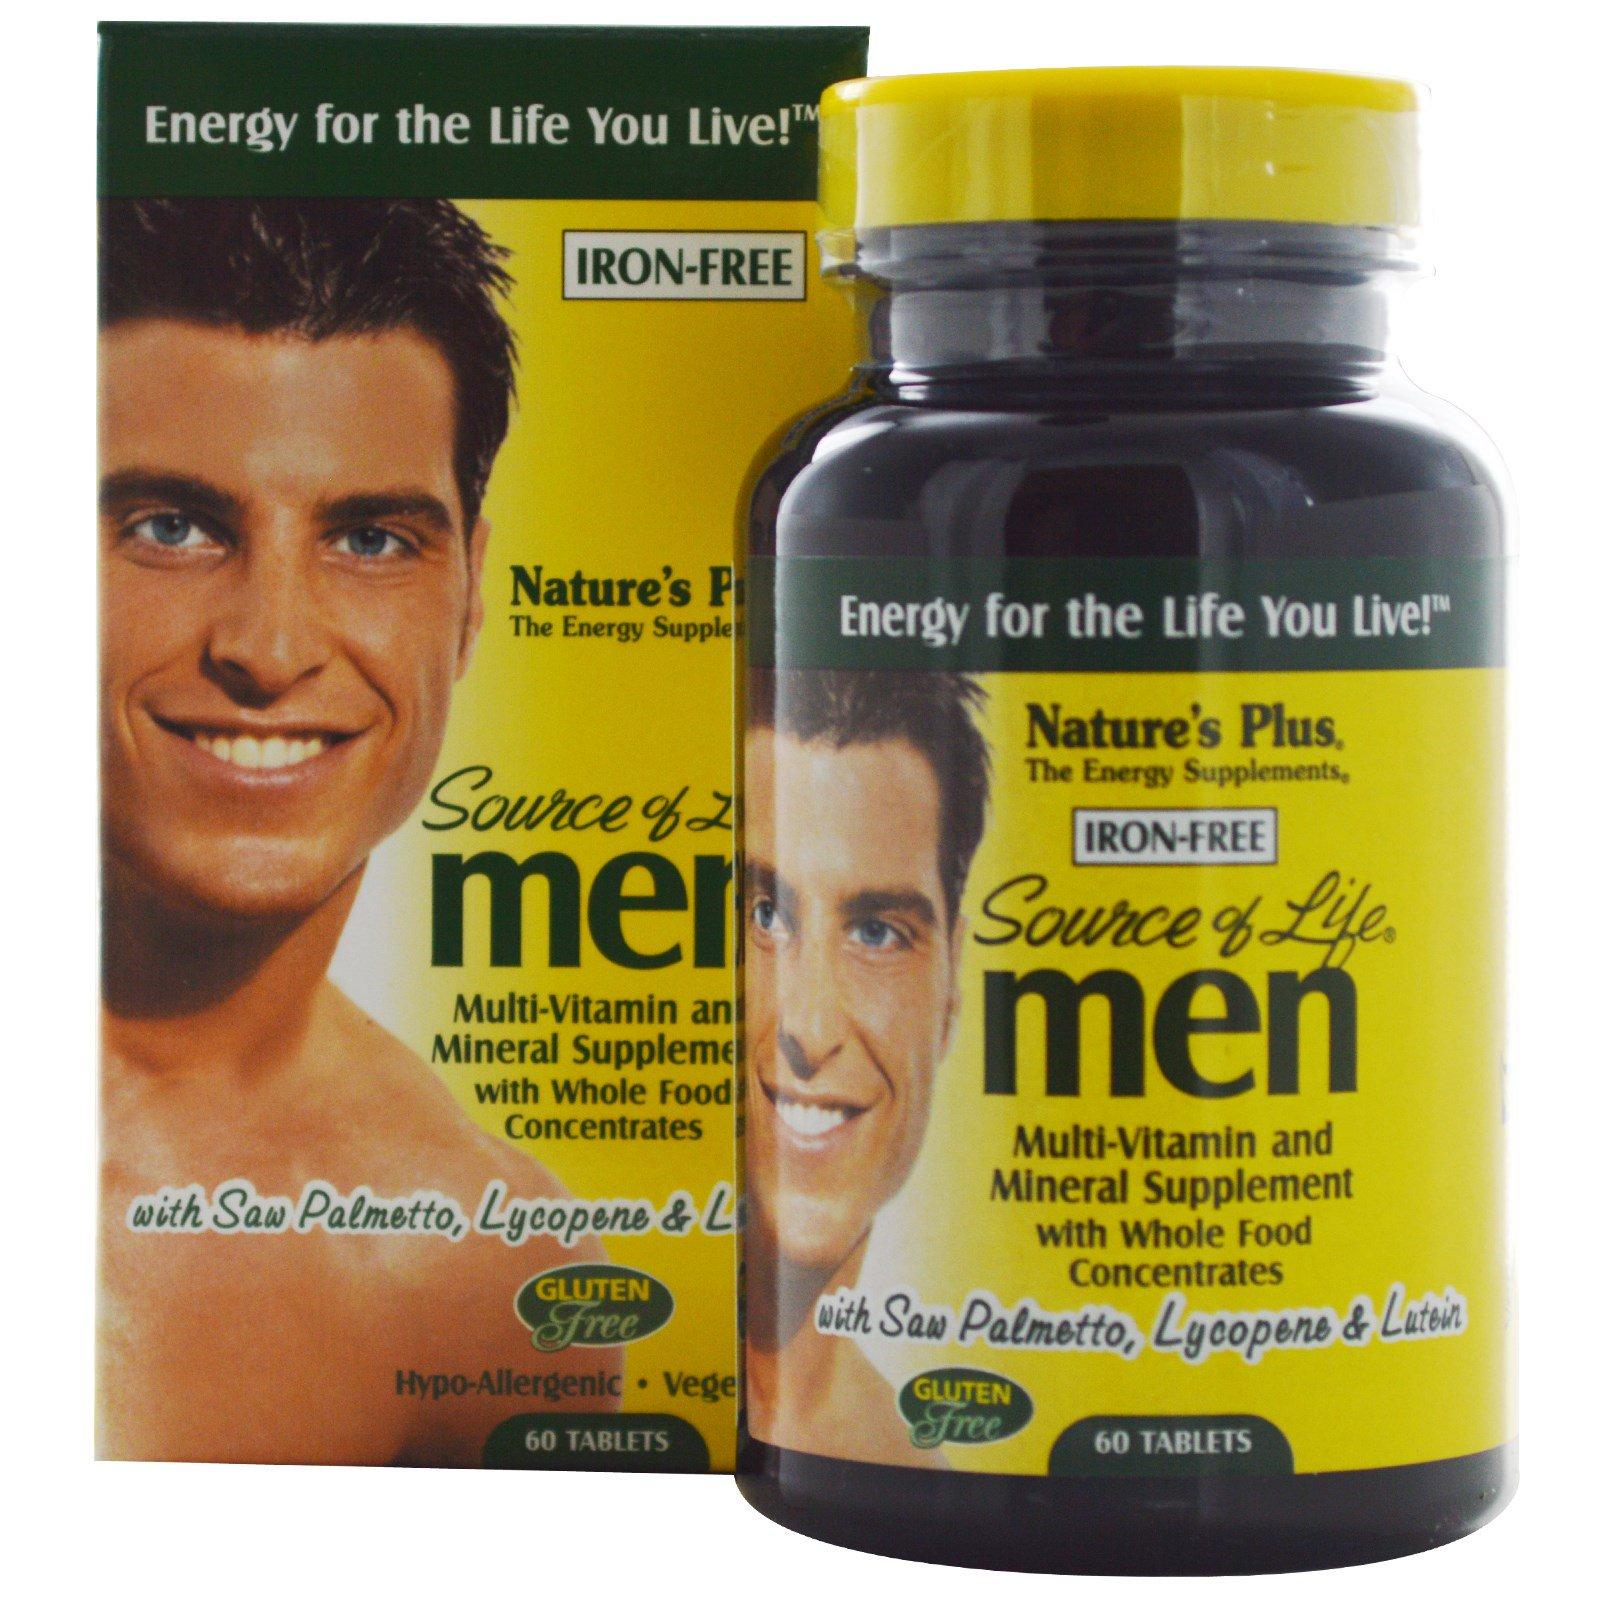 Nature's Plus, Source of Life, Мультивитаминная и минеральная добавка для мужчин, без железа 60 таблеток